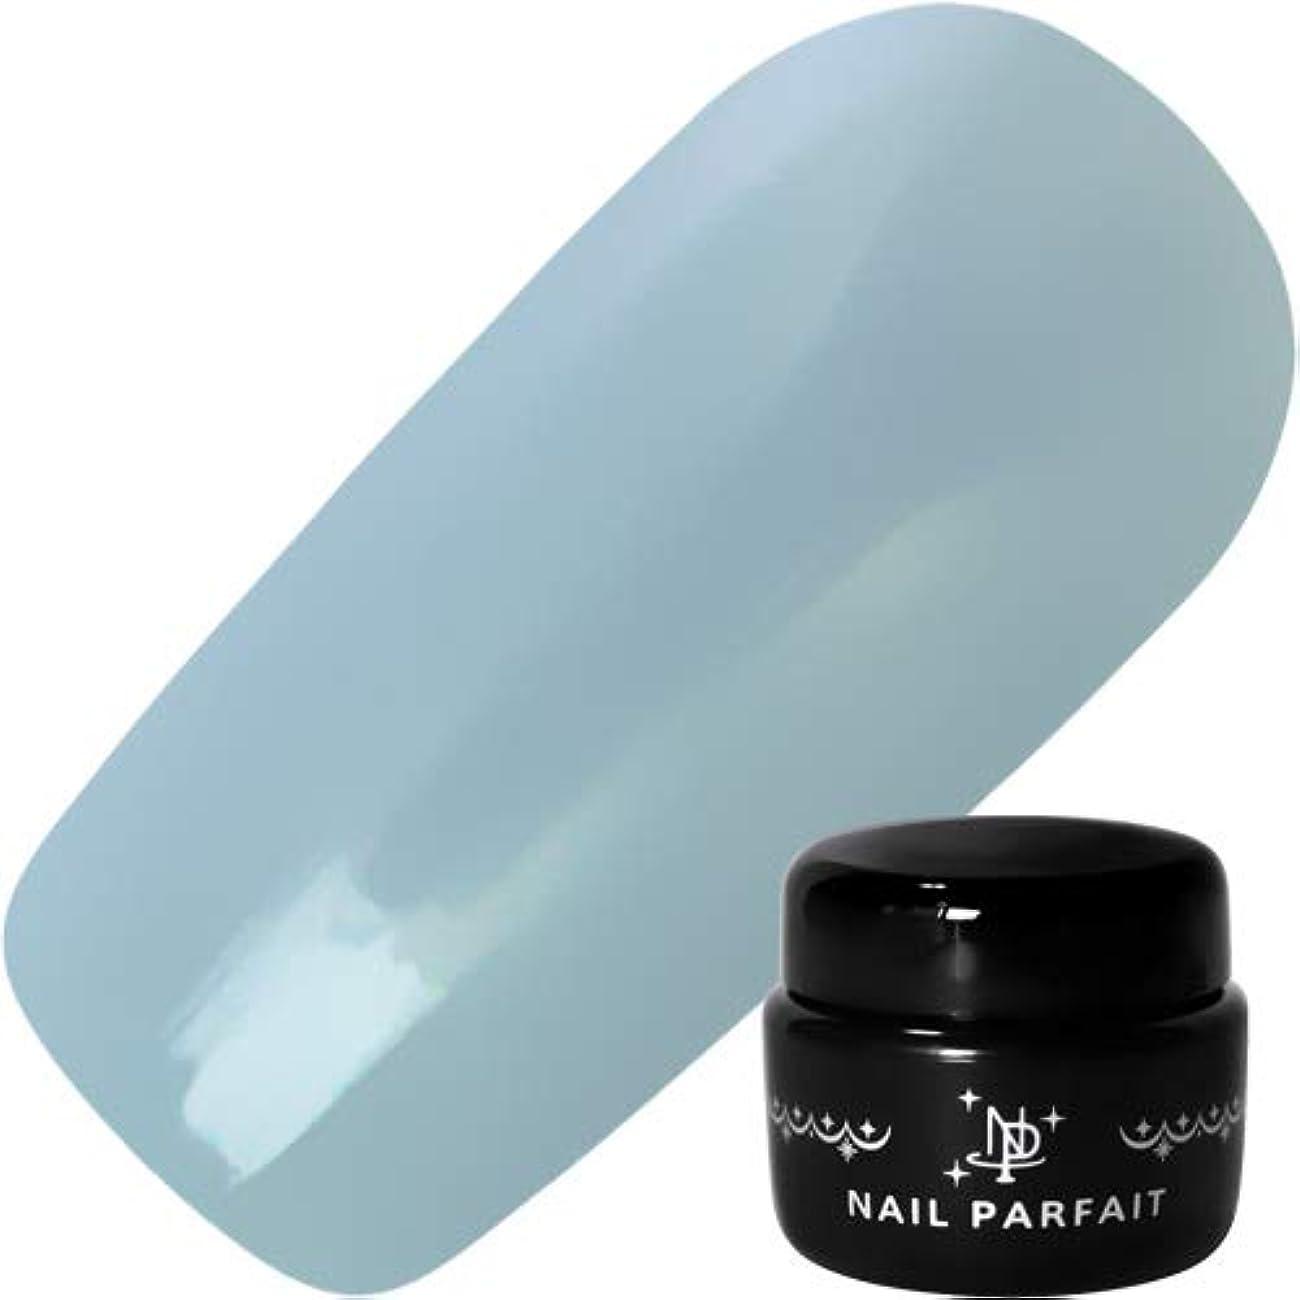 NAIL PARFAIT ネイルパフェ カラージェル A55ペールブルー 2g 【ジェル/カラージェル?ネイル用品】